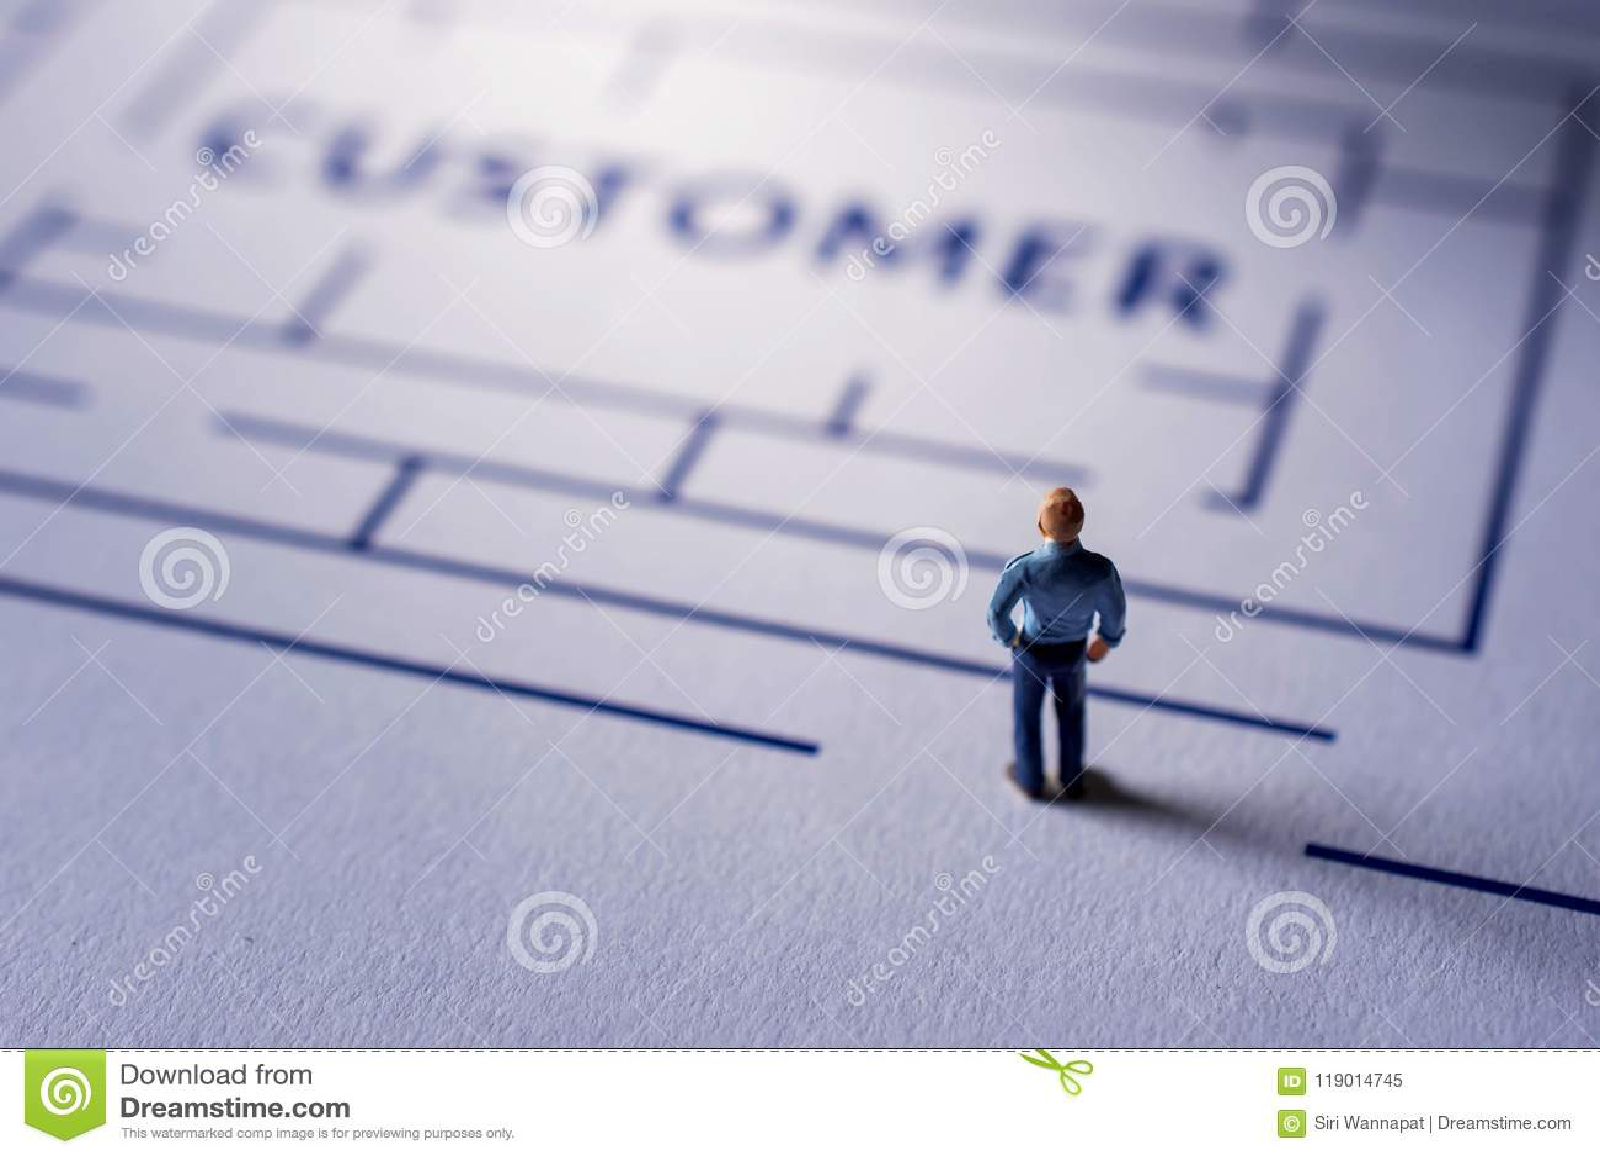 Wyzwanie dla klienta doświadczenia pojęcia teraźniejszość miniaturą